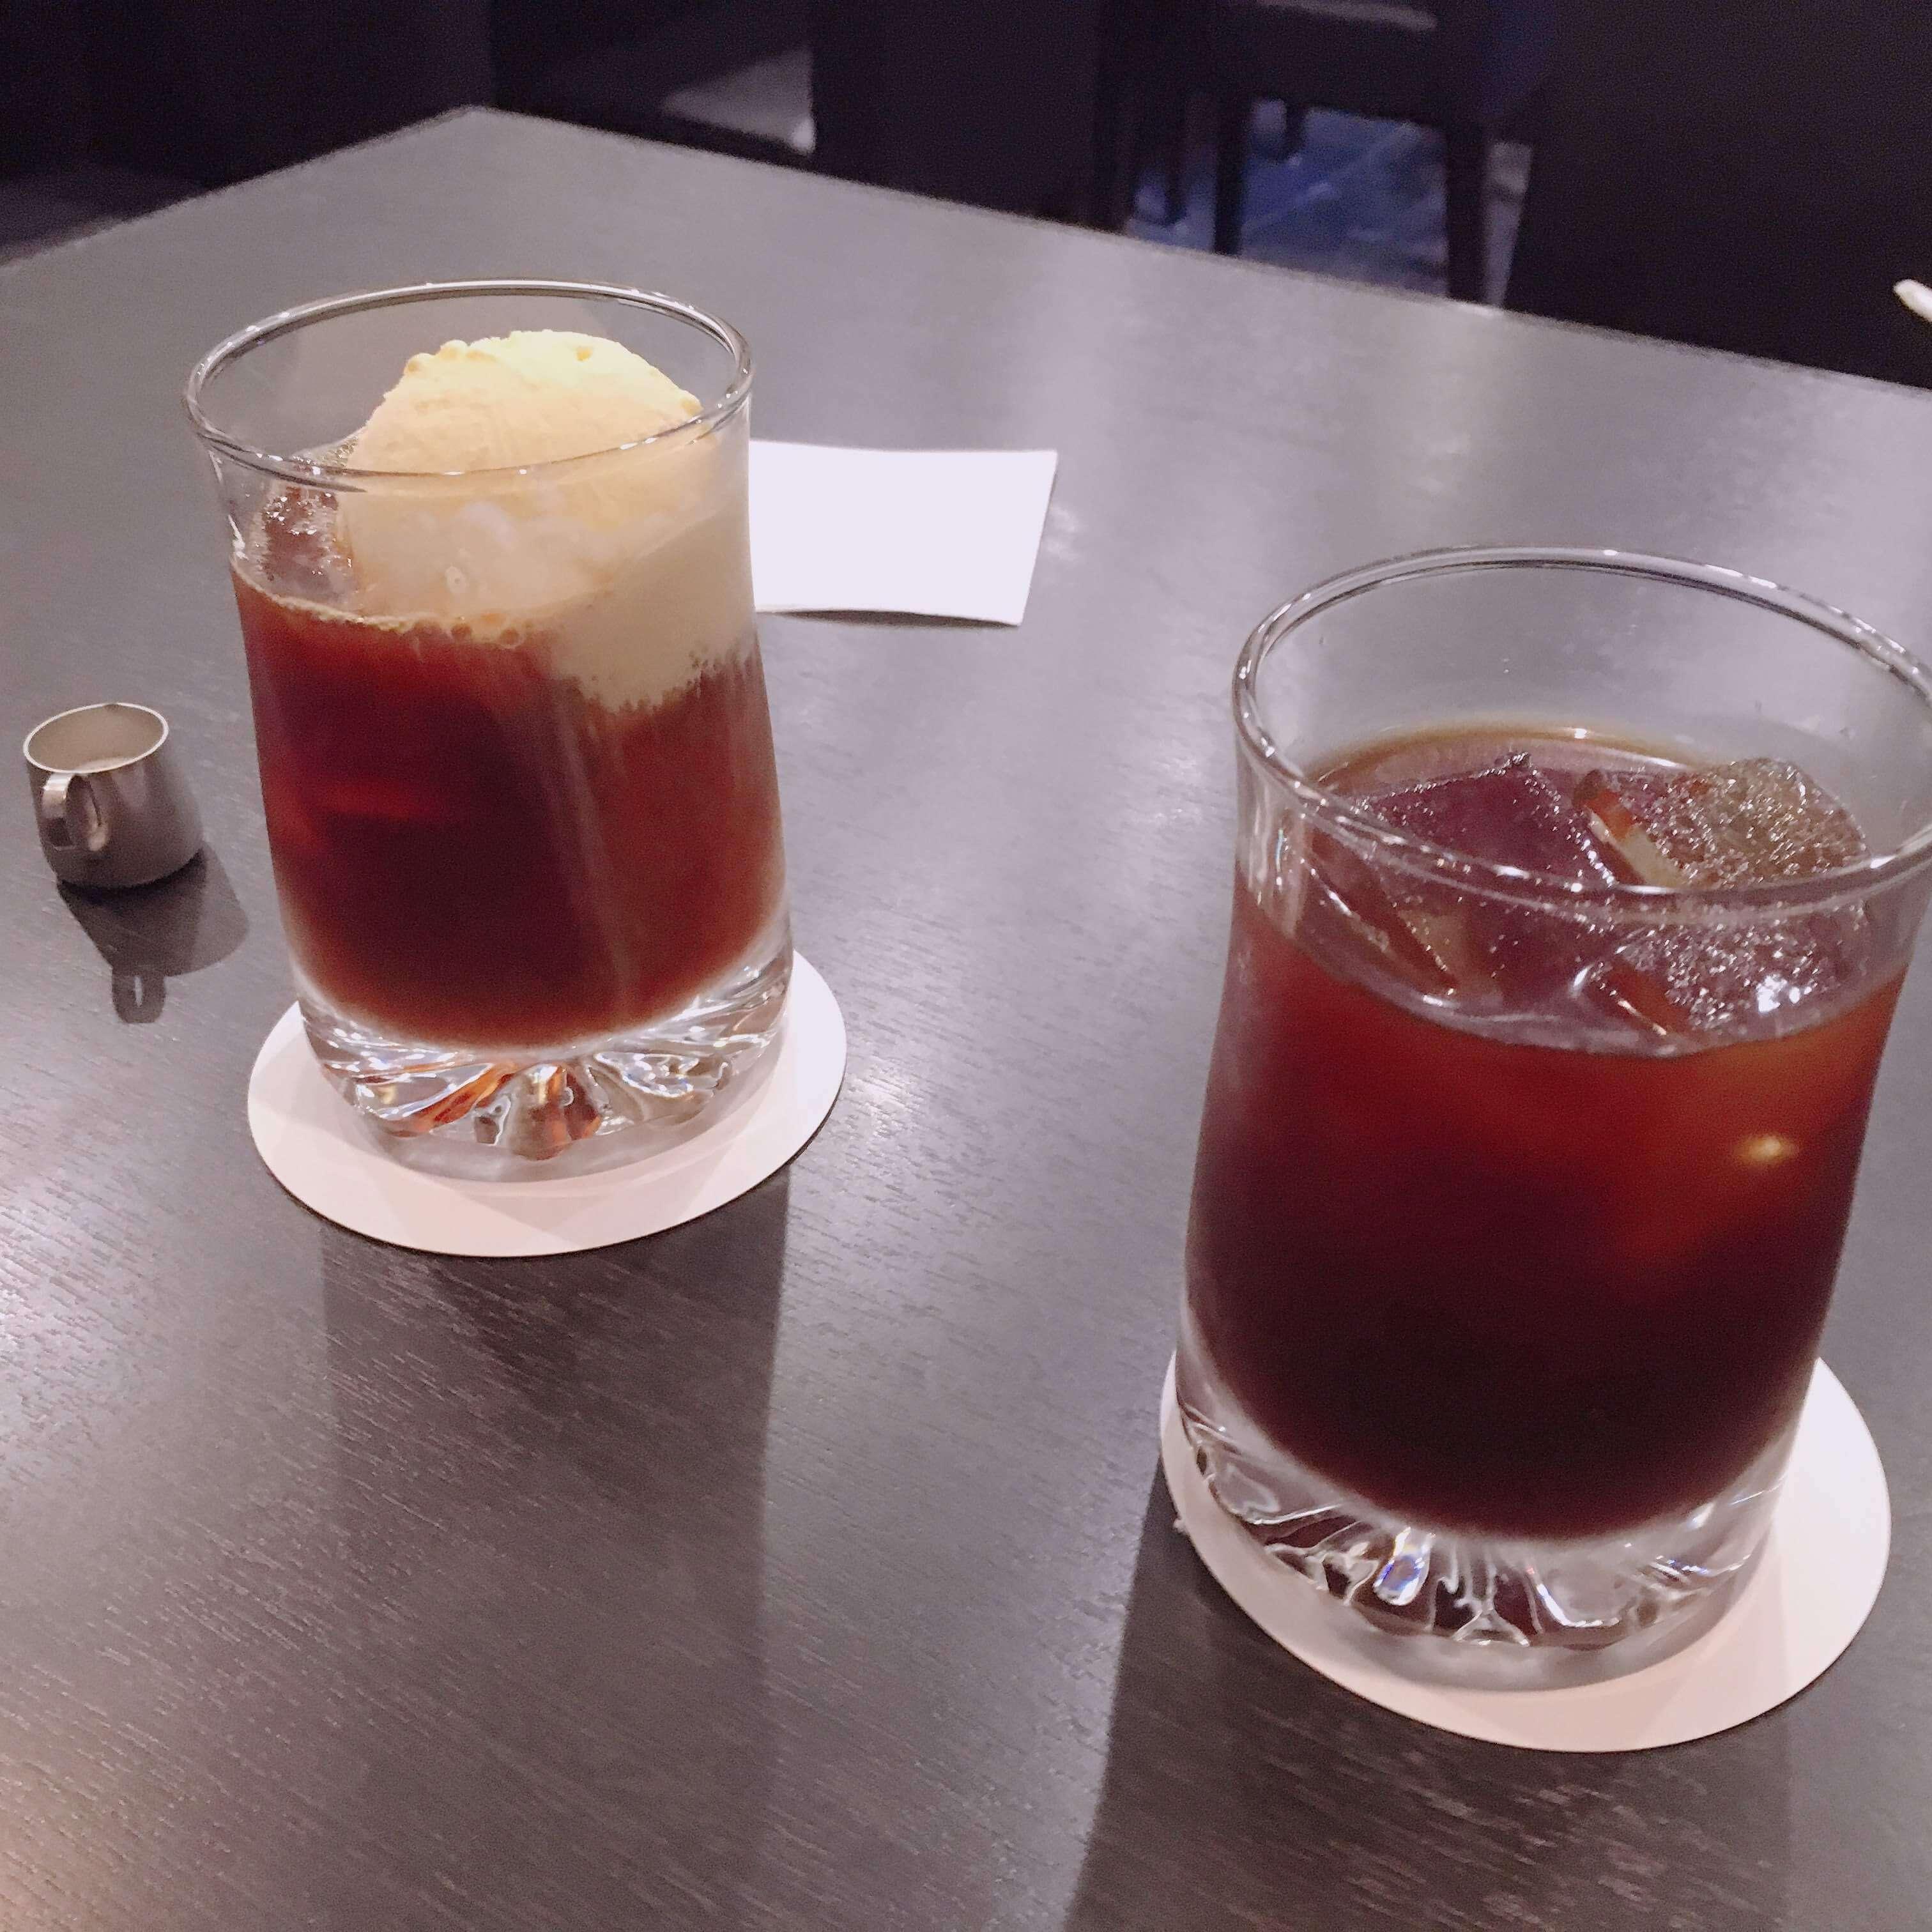 クラウド・コーヒー